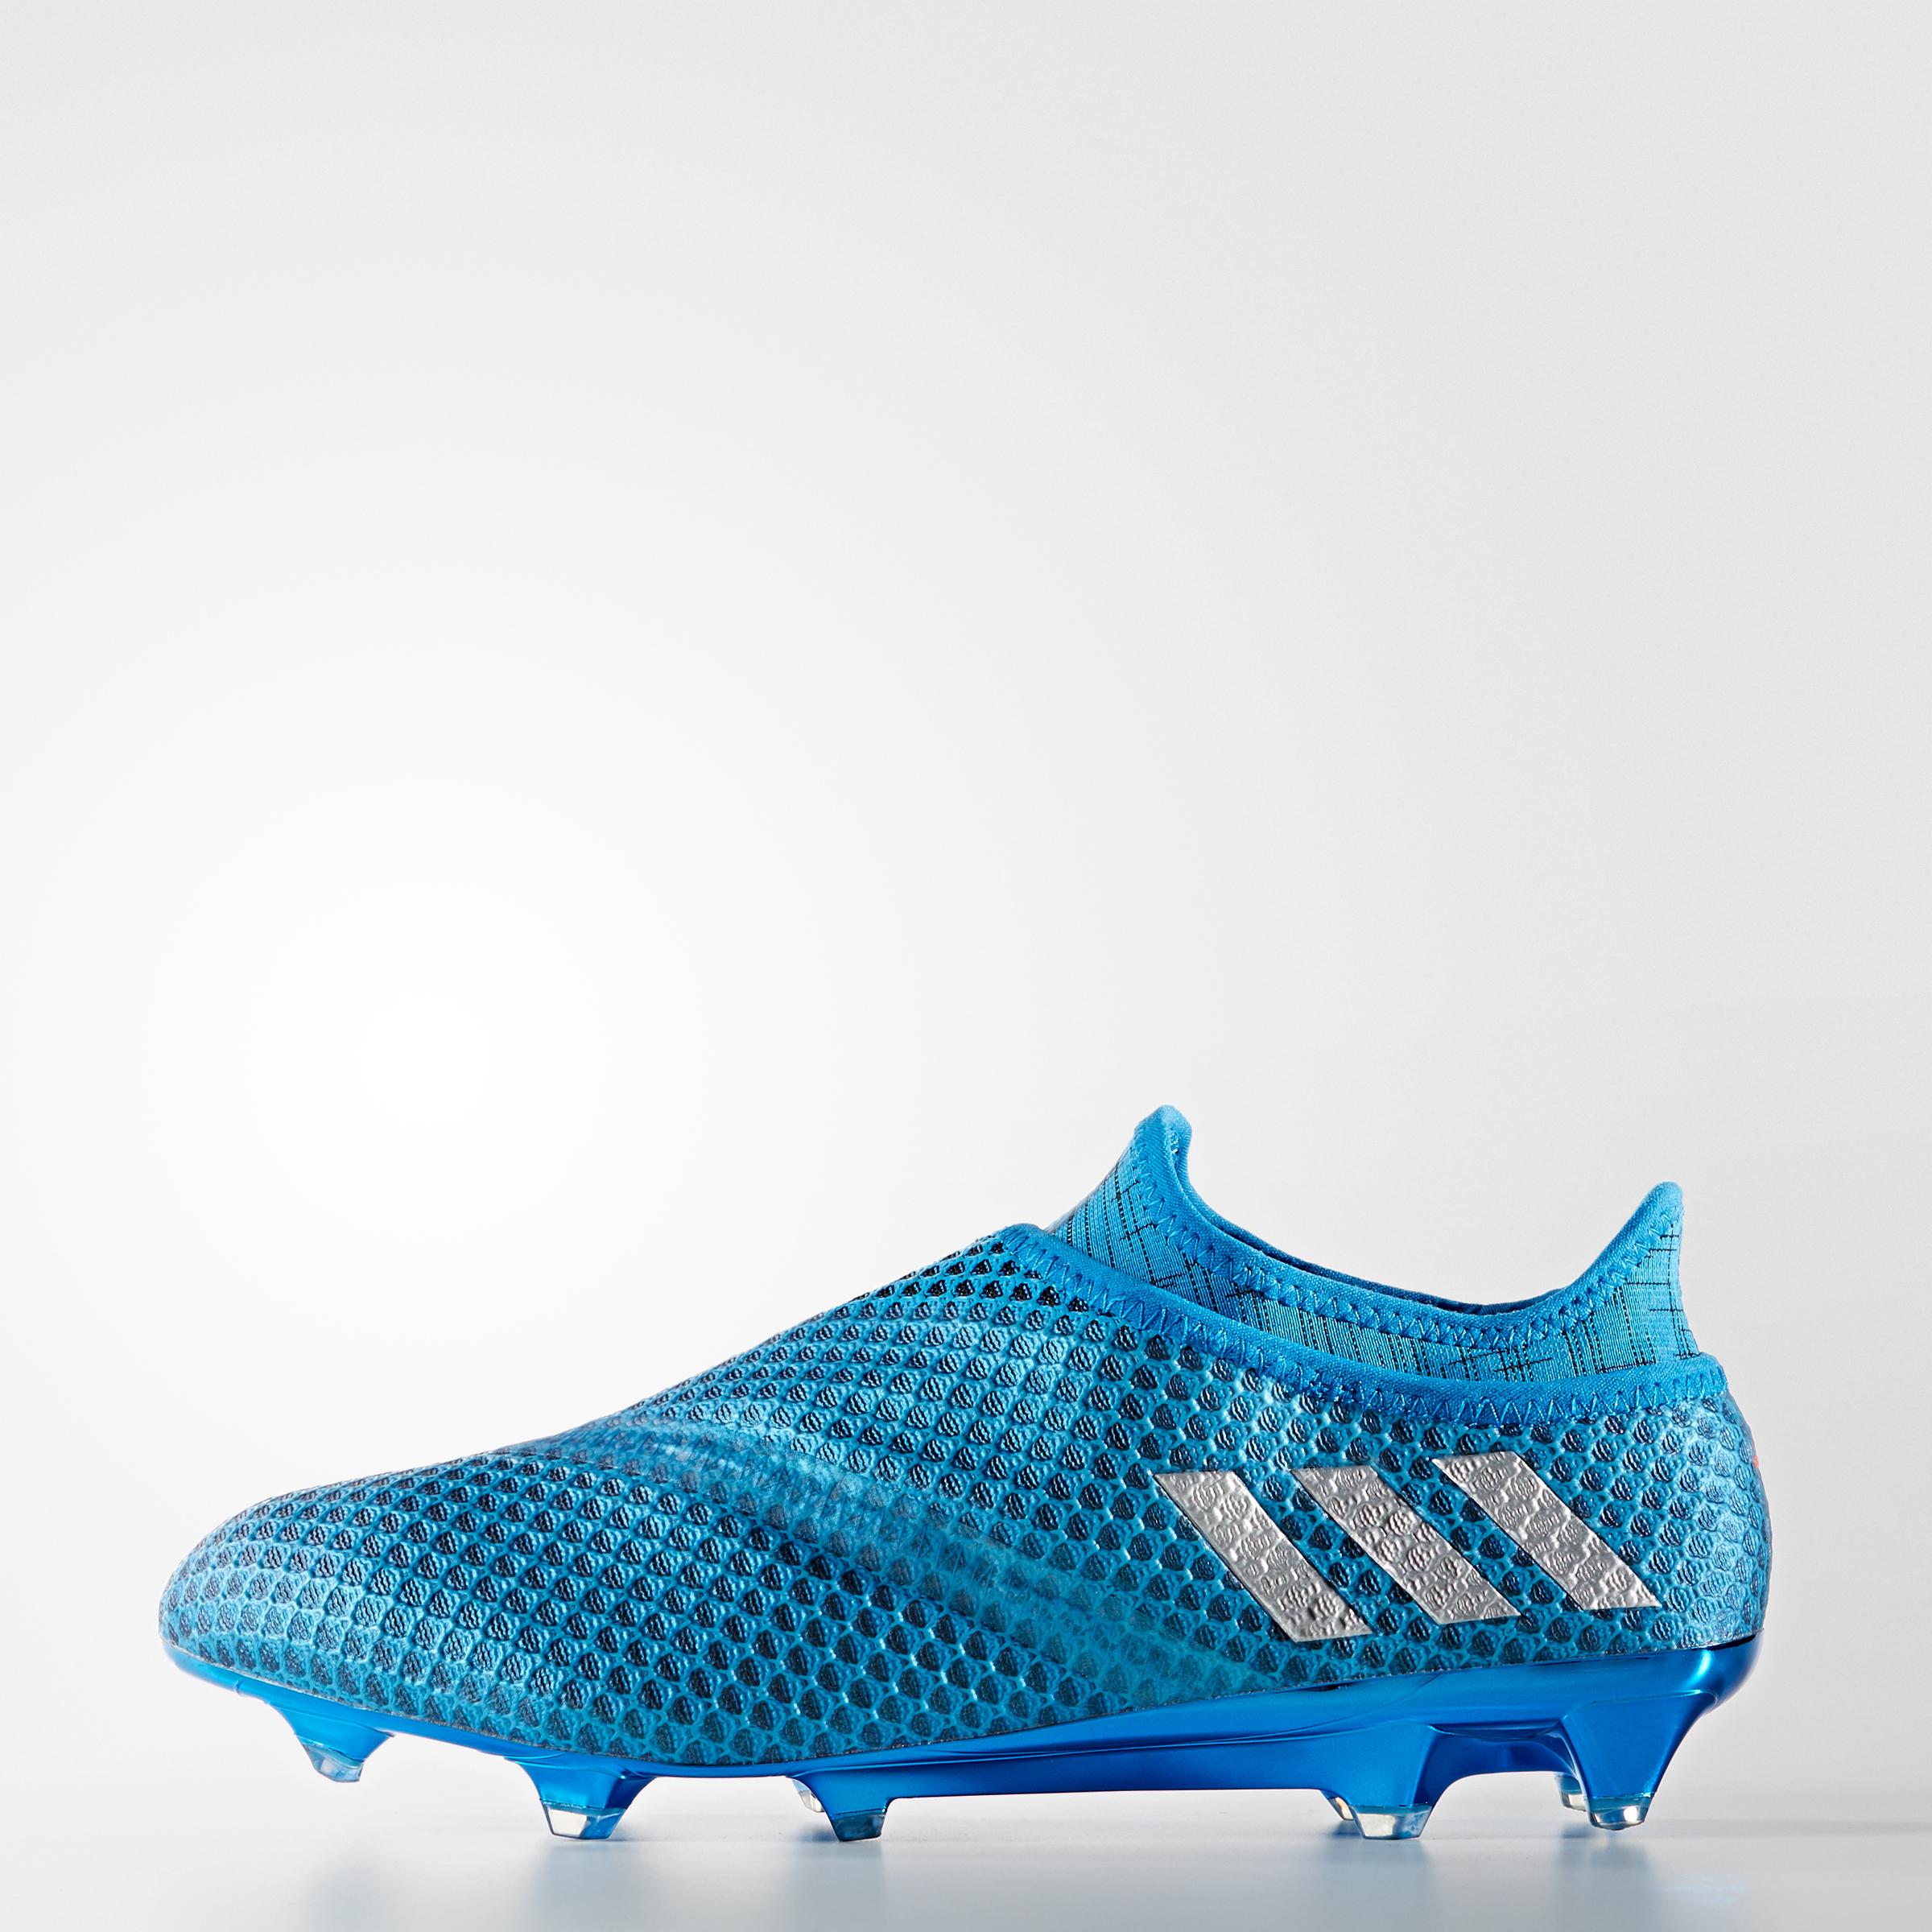 adidas futbol 5 messi